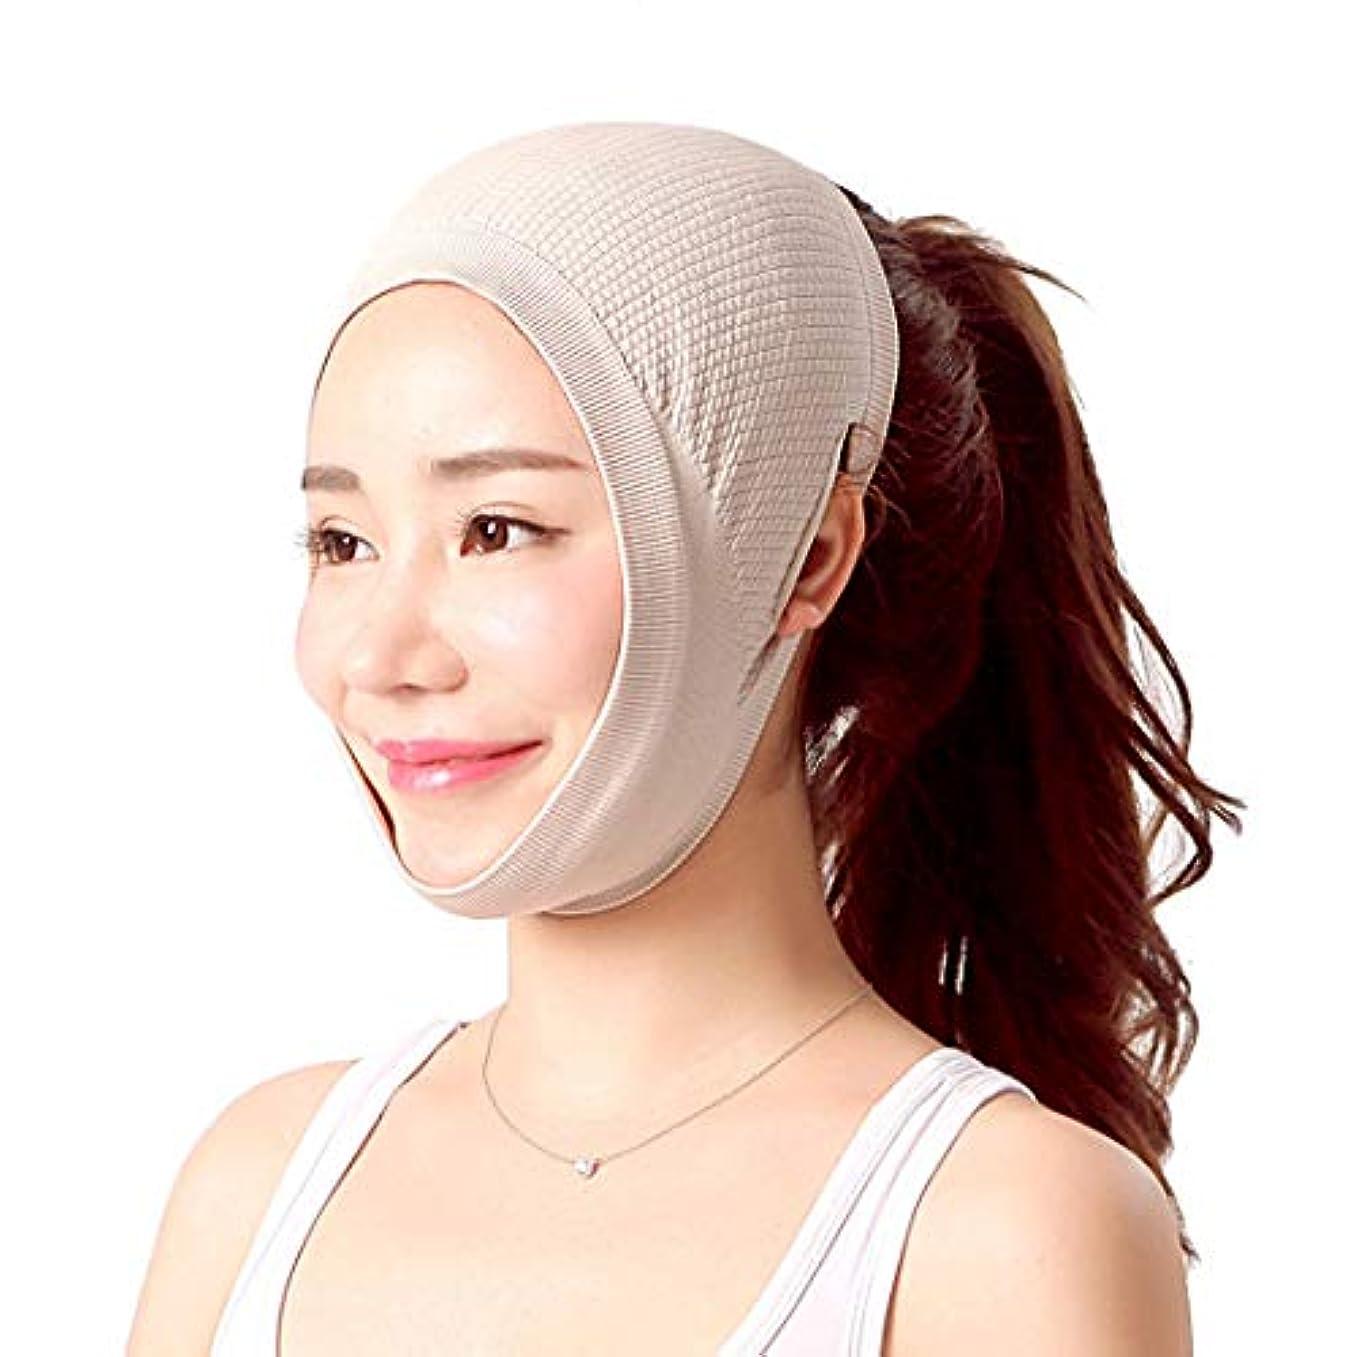 見つける去るギネスZWBD フェイスマスク, 減量の包帯を取除くために皮の包帯、二重あごをきつく締めるための顔の包帯が付いている顔の減量のマスクは調節することができます